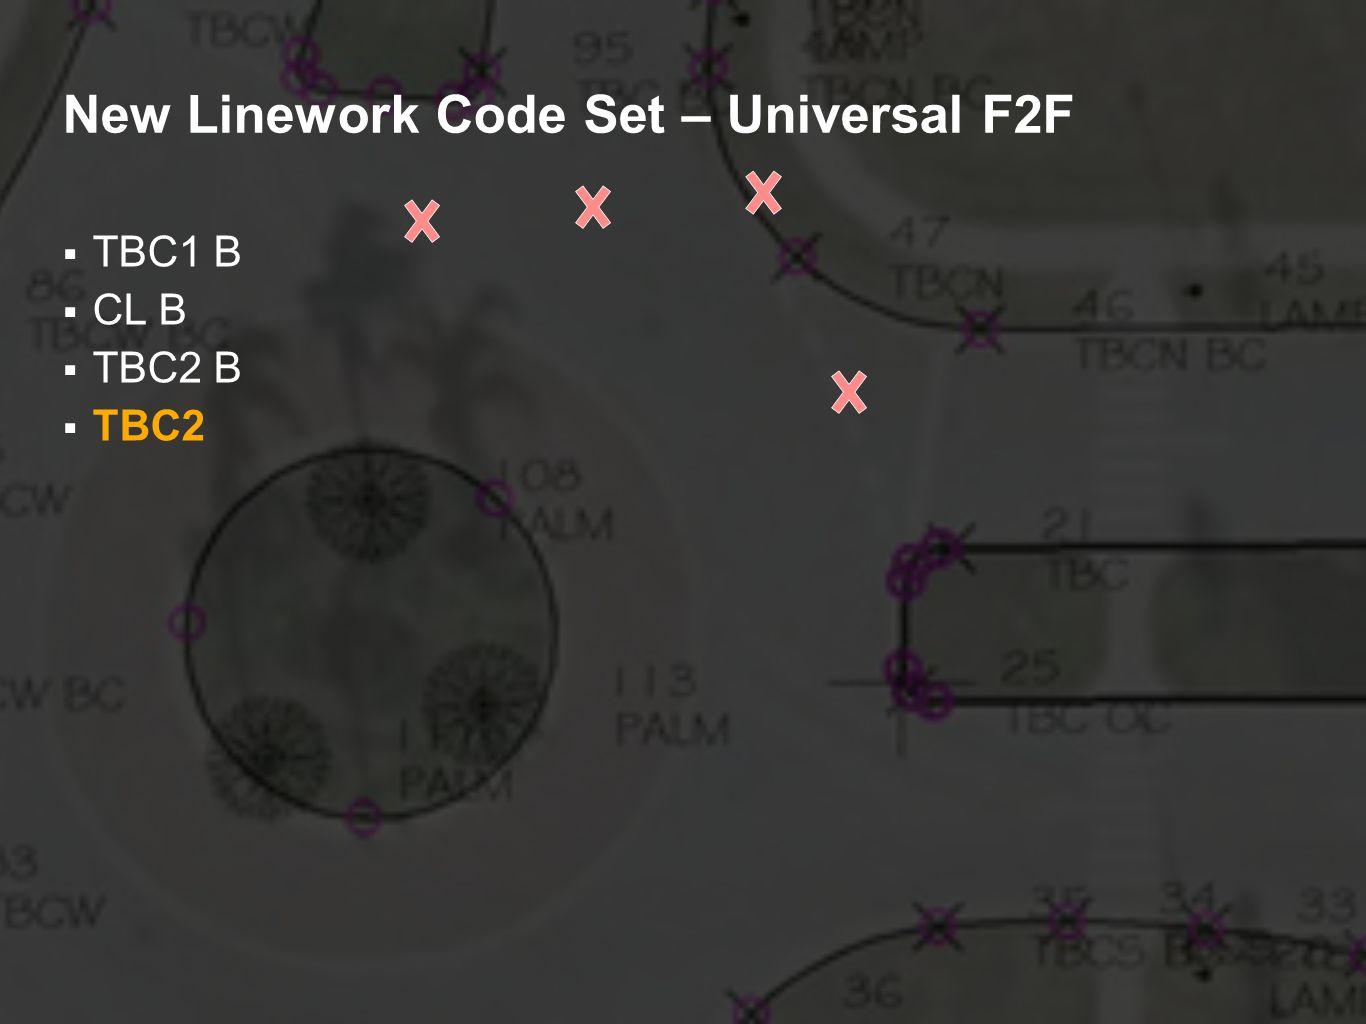 New Linework Code Set – Universal F2F TBC1 B CL B TBC2 B TBC2